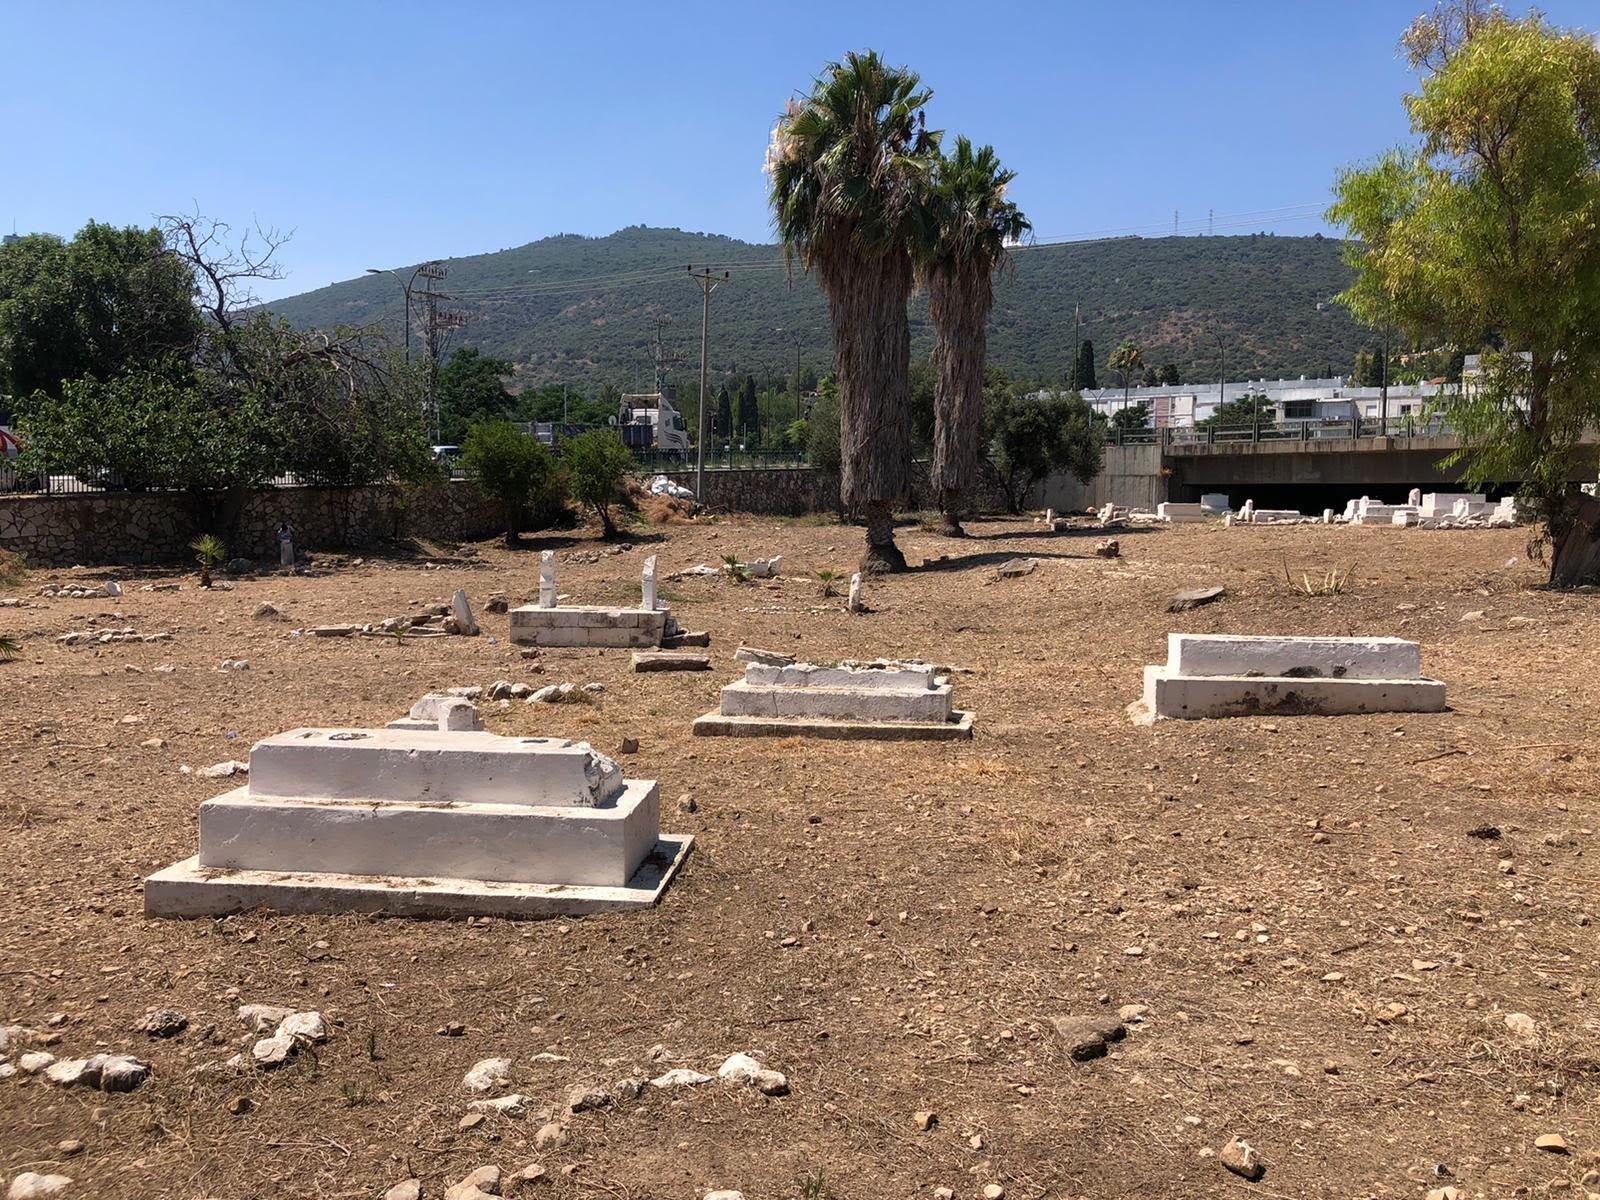 العشرات من أهالي مدينة حيفا وام الفحم يشاركون بترميم مقبرة القسام في حيفا-6